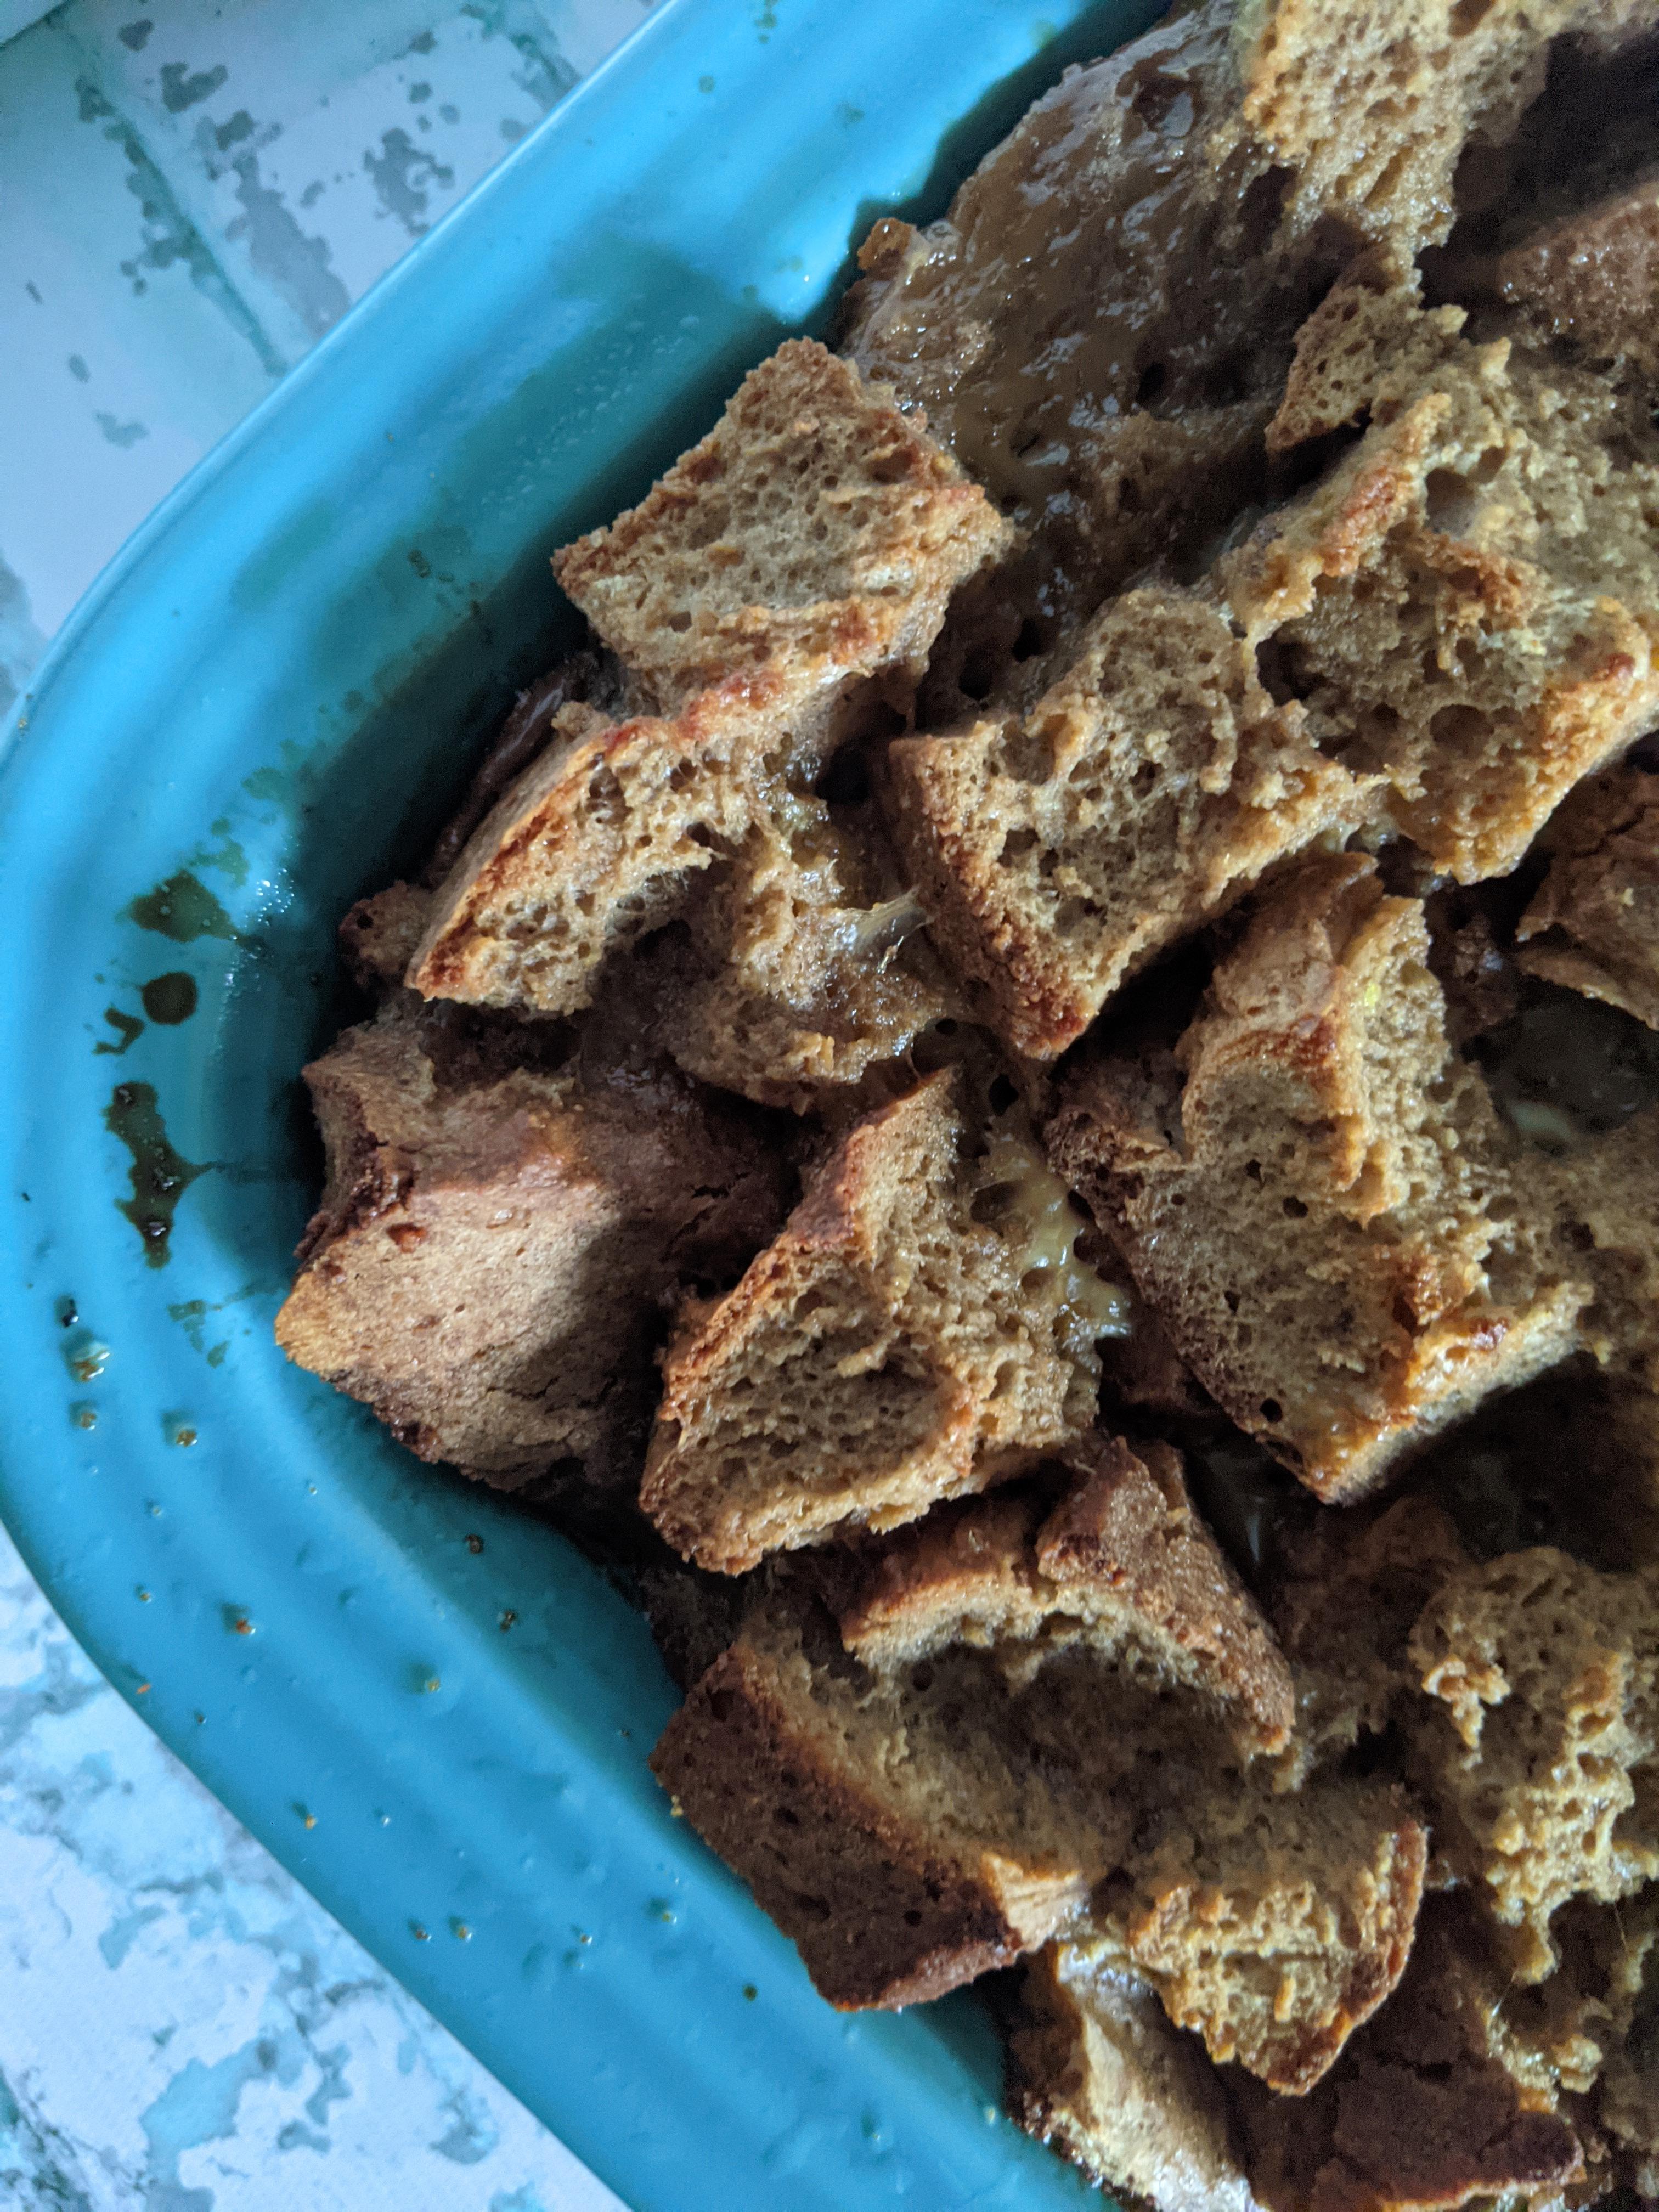 Coffee-Flavored Irish Soda Bread Pudding